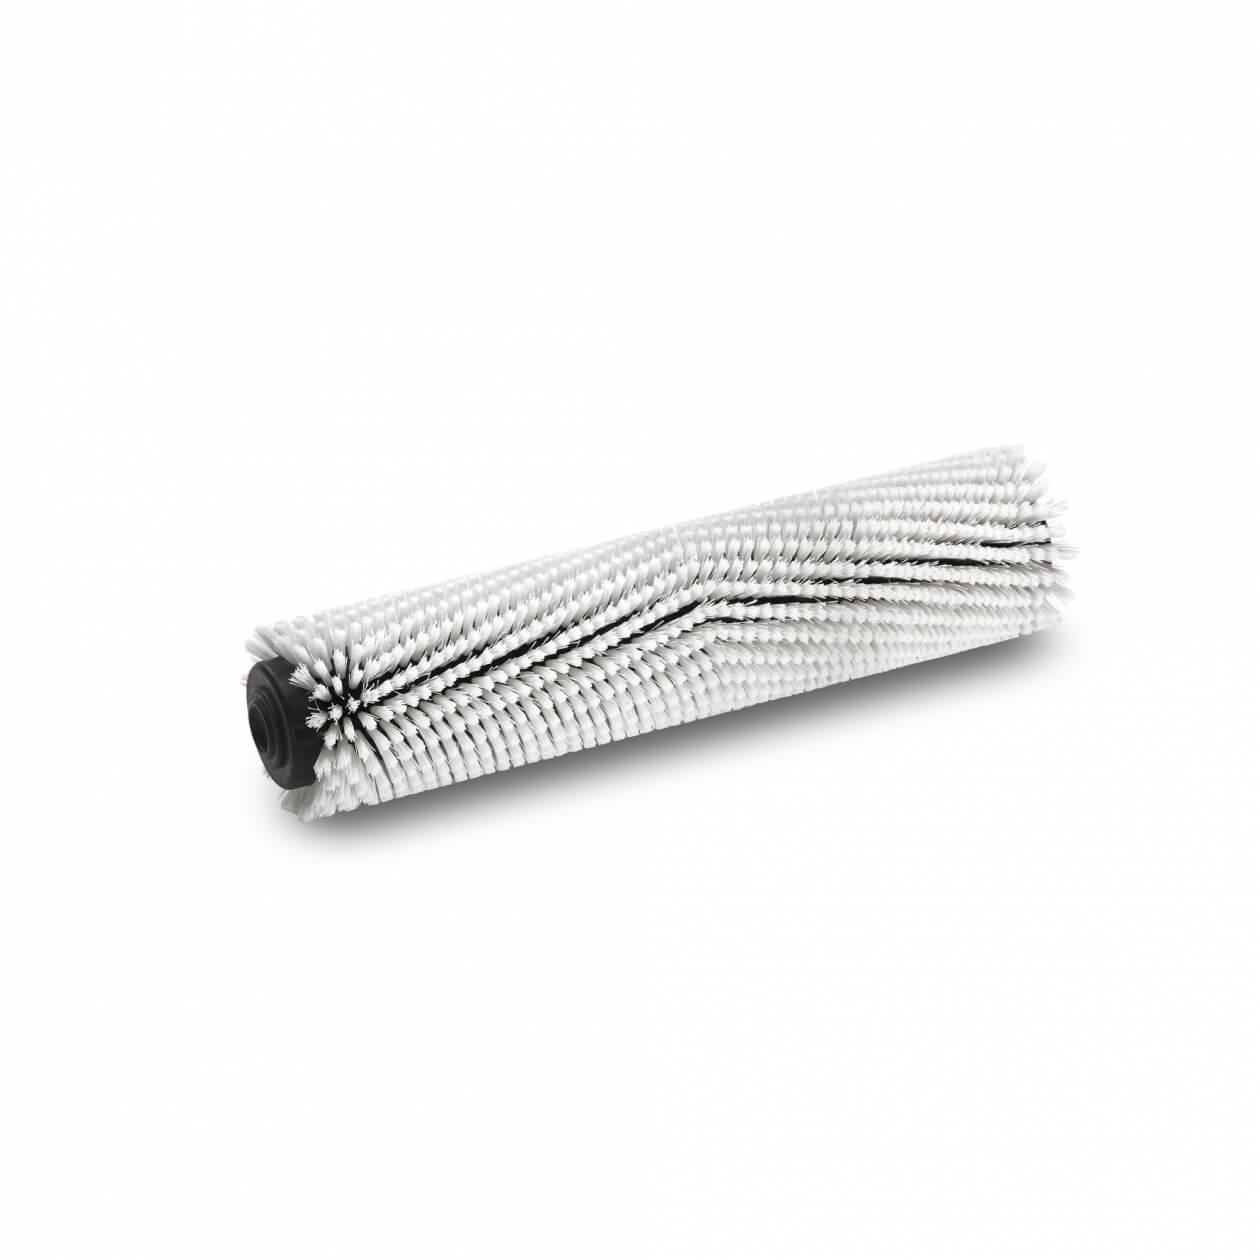 Image of   Kärcher, børstevalse, blød, hvid, 450 mm, til B 40 W Dose Roller brush - 47624050